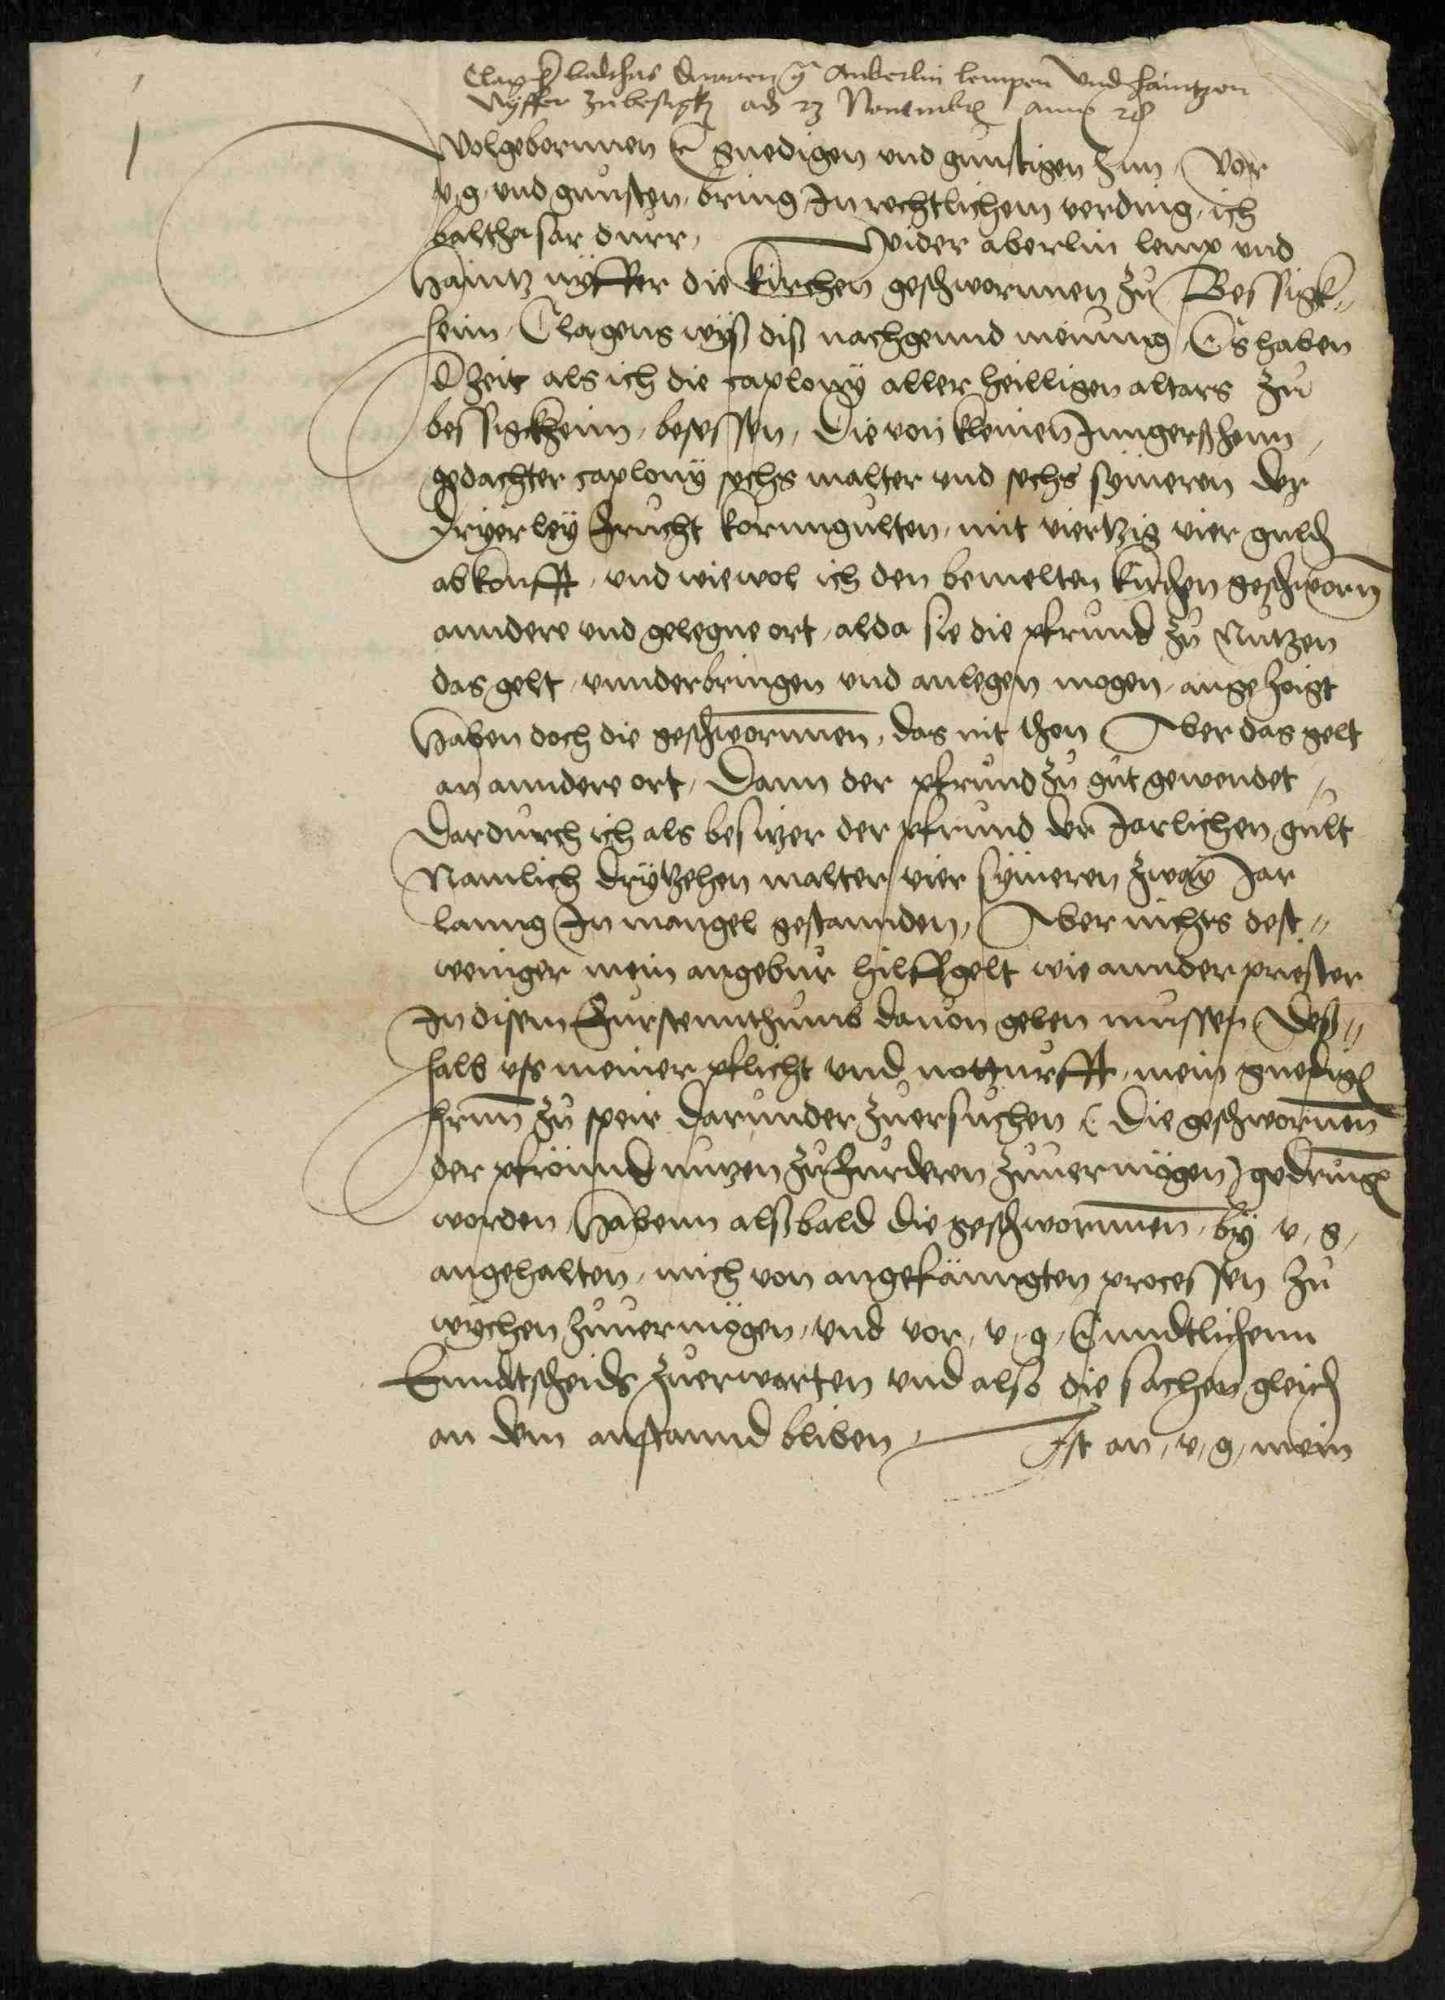 Entschädigungsklagen von Geistlichen, Adeligen und Privatpersonen gegen württembergische Gemeinden bzw. Untertanen, Teil II, Bild 3